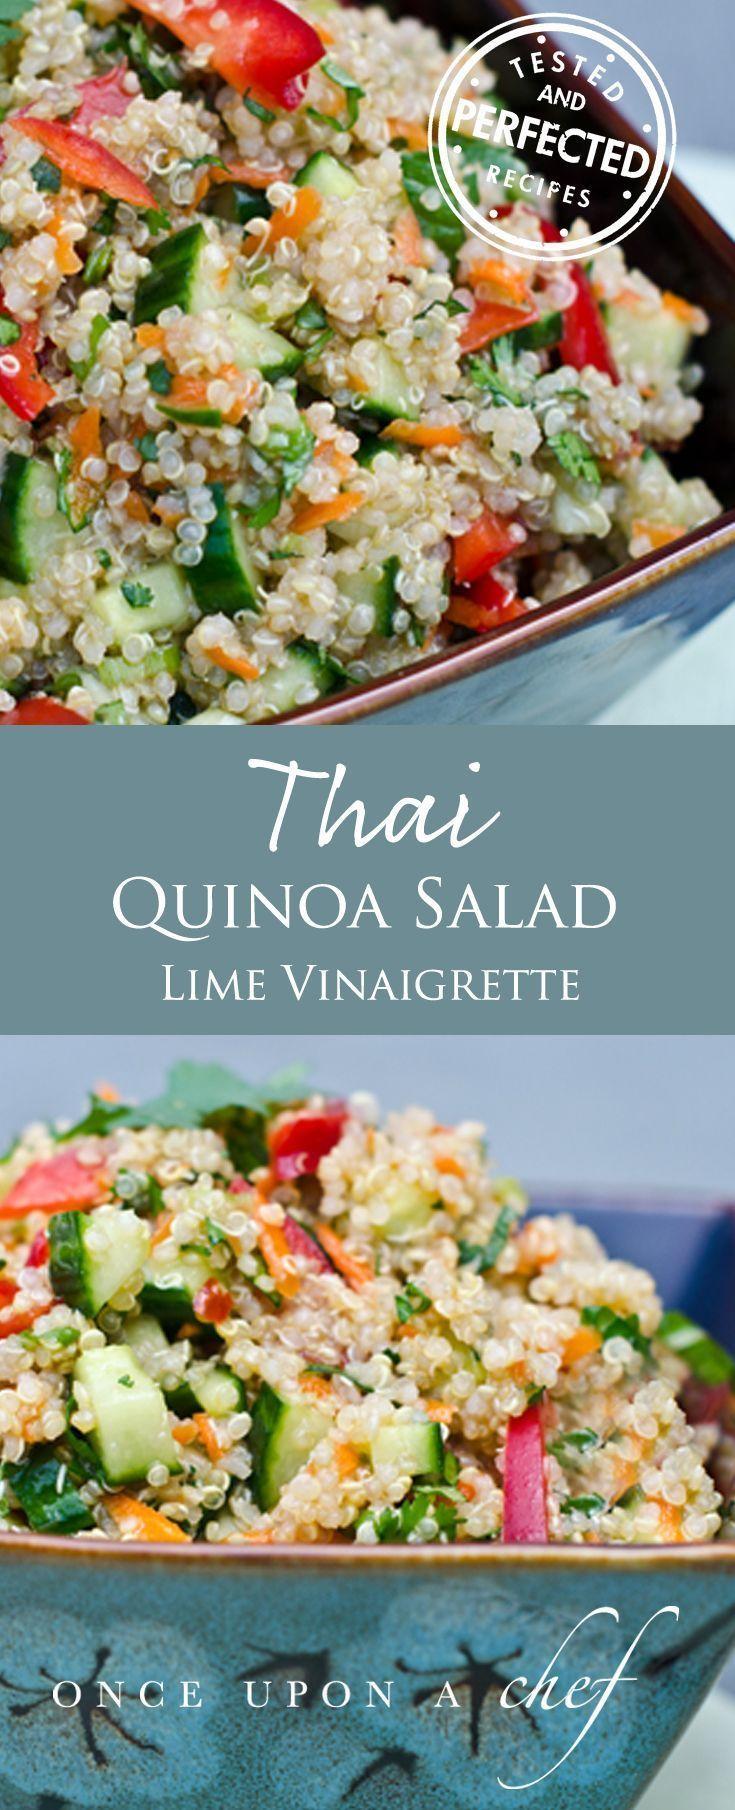 5696 best Bon Appétit (Recipe\'s) images on Pinterest | Kitchens ...